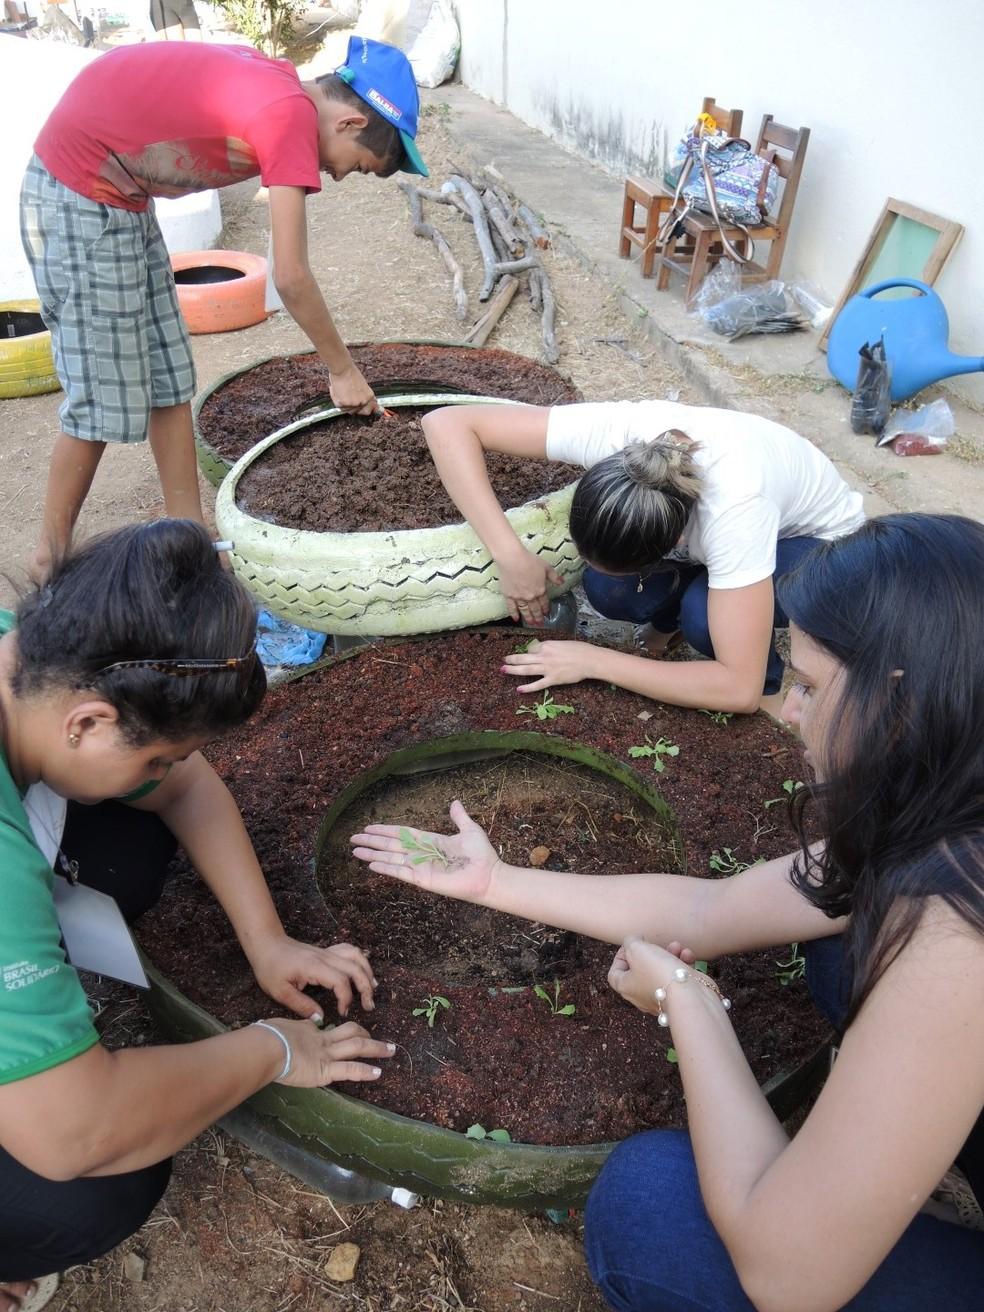 Técnicas de compostagem, horta e viveiro compõe a programação (Foto: Divulgação)